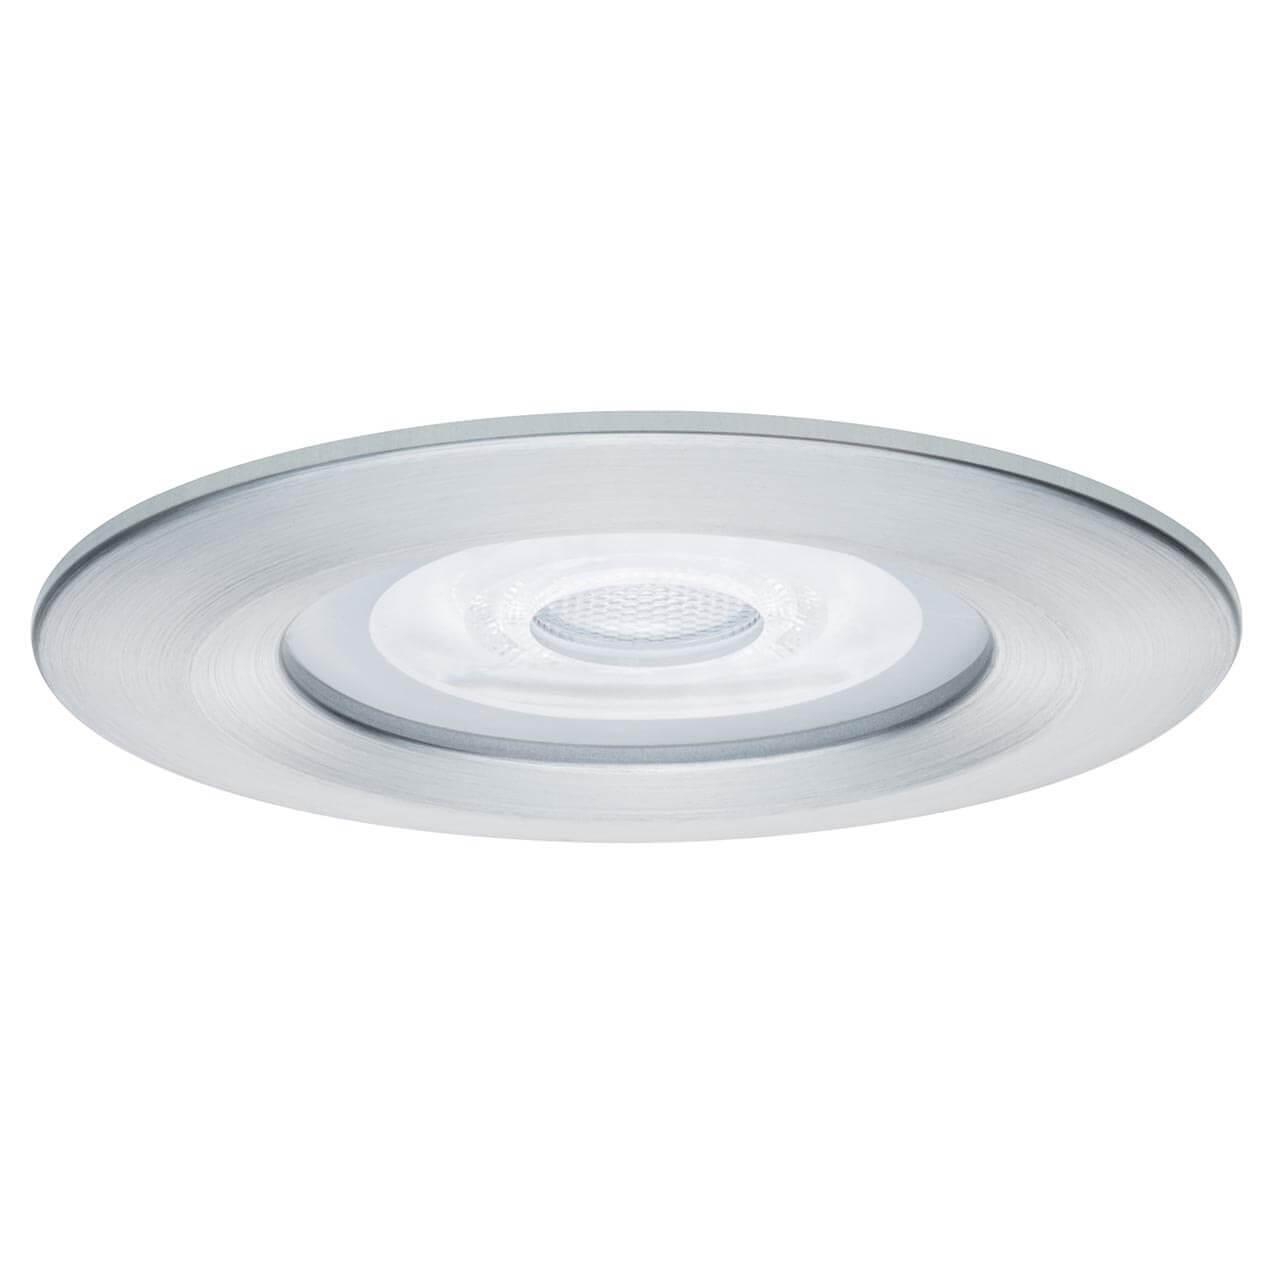 Встраиваемый светодиодный светильник Paulmann Nova 93598